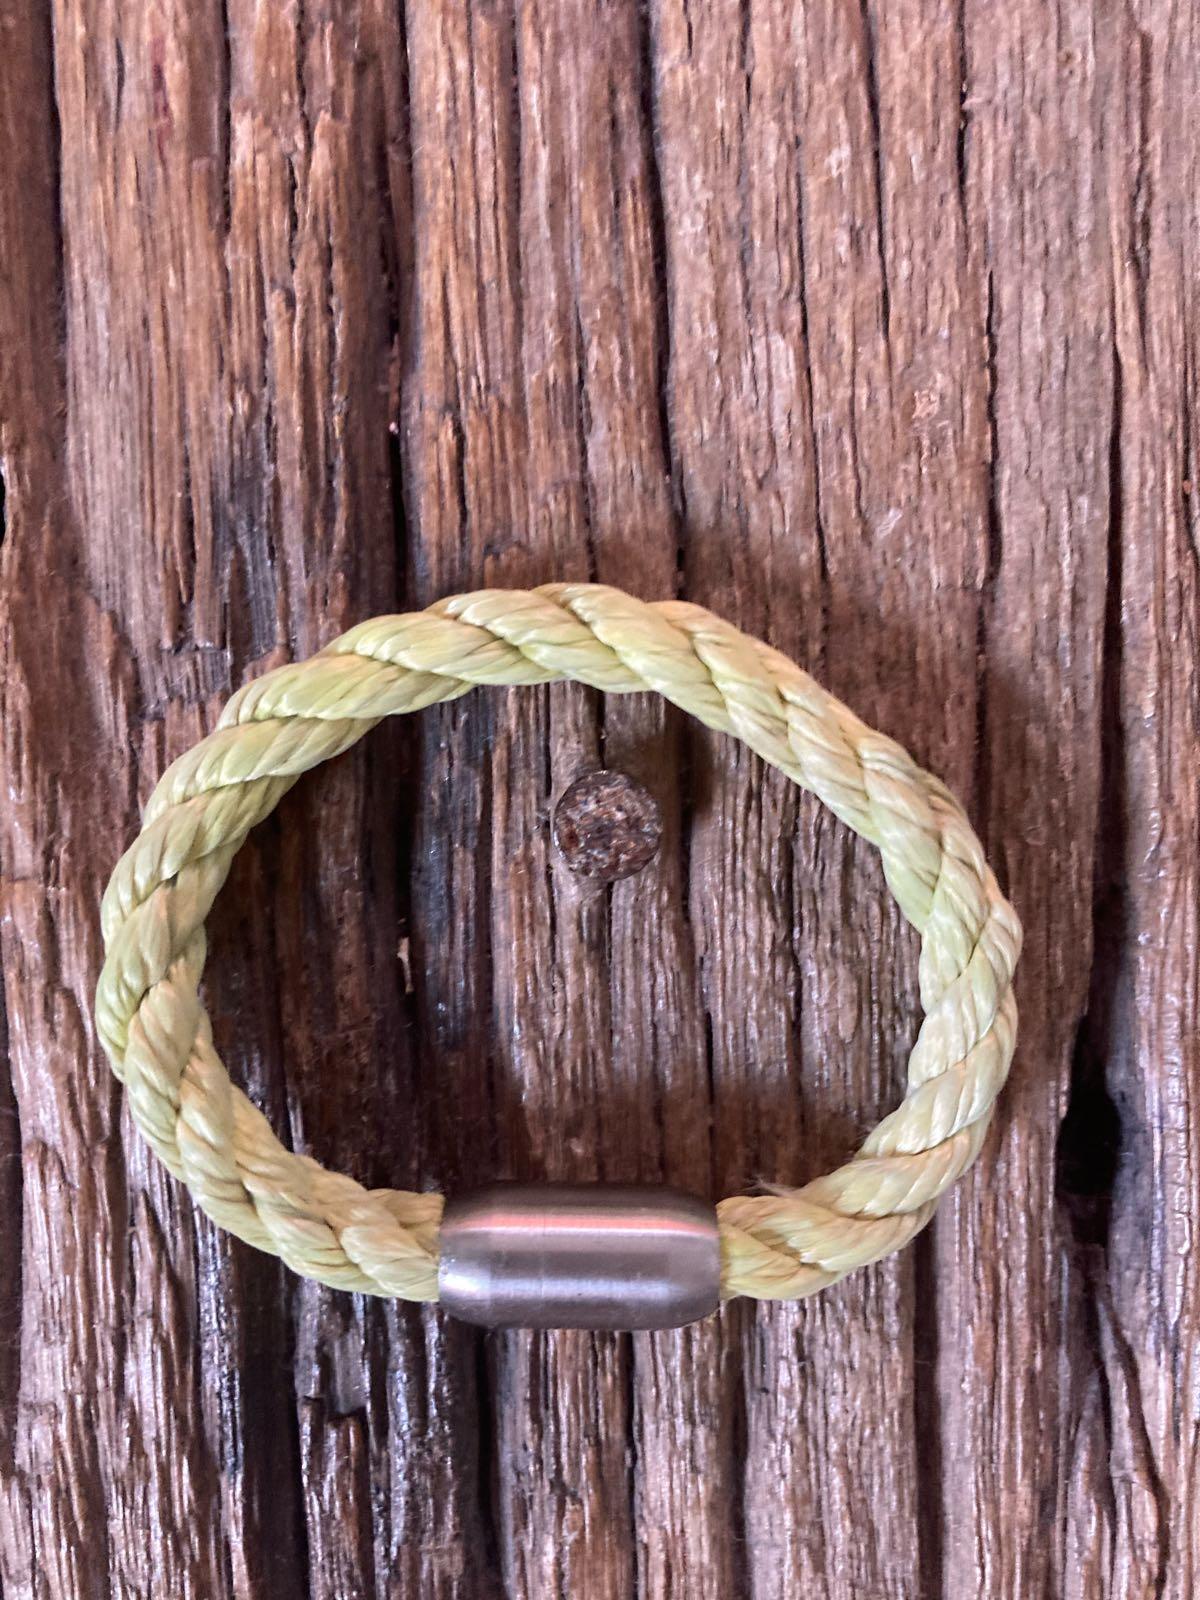 Fischereidesign - Armband grün, 6 mm, silber Edelstahlverschluss